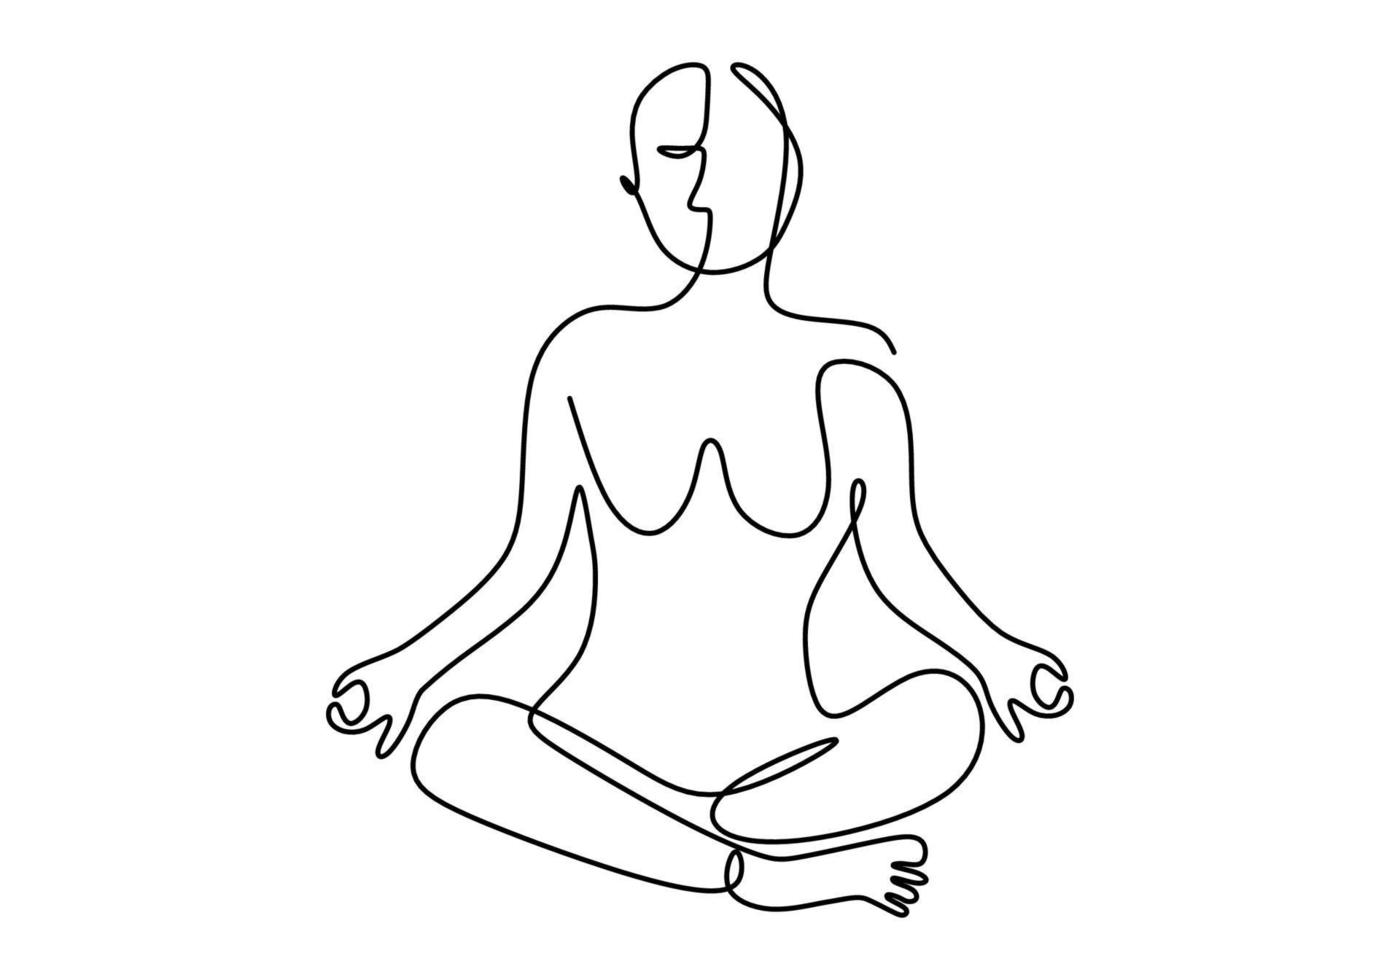 contínuo um desenho de linha de mulher fazendo exercícios em pose de ioga. jovem saudável sentada cruzando a perna com pose de lótus de ioga. vetor